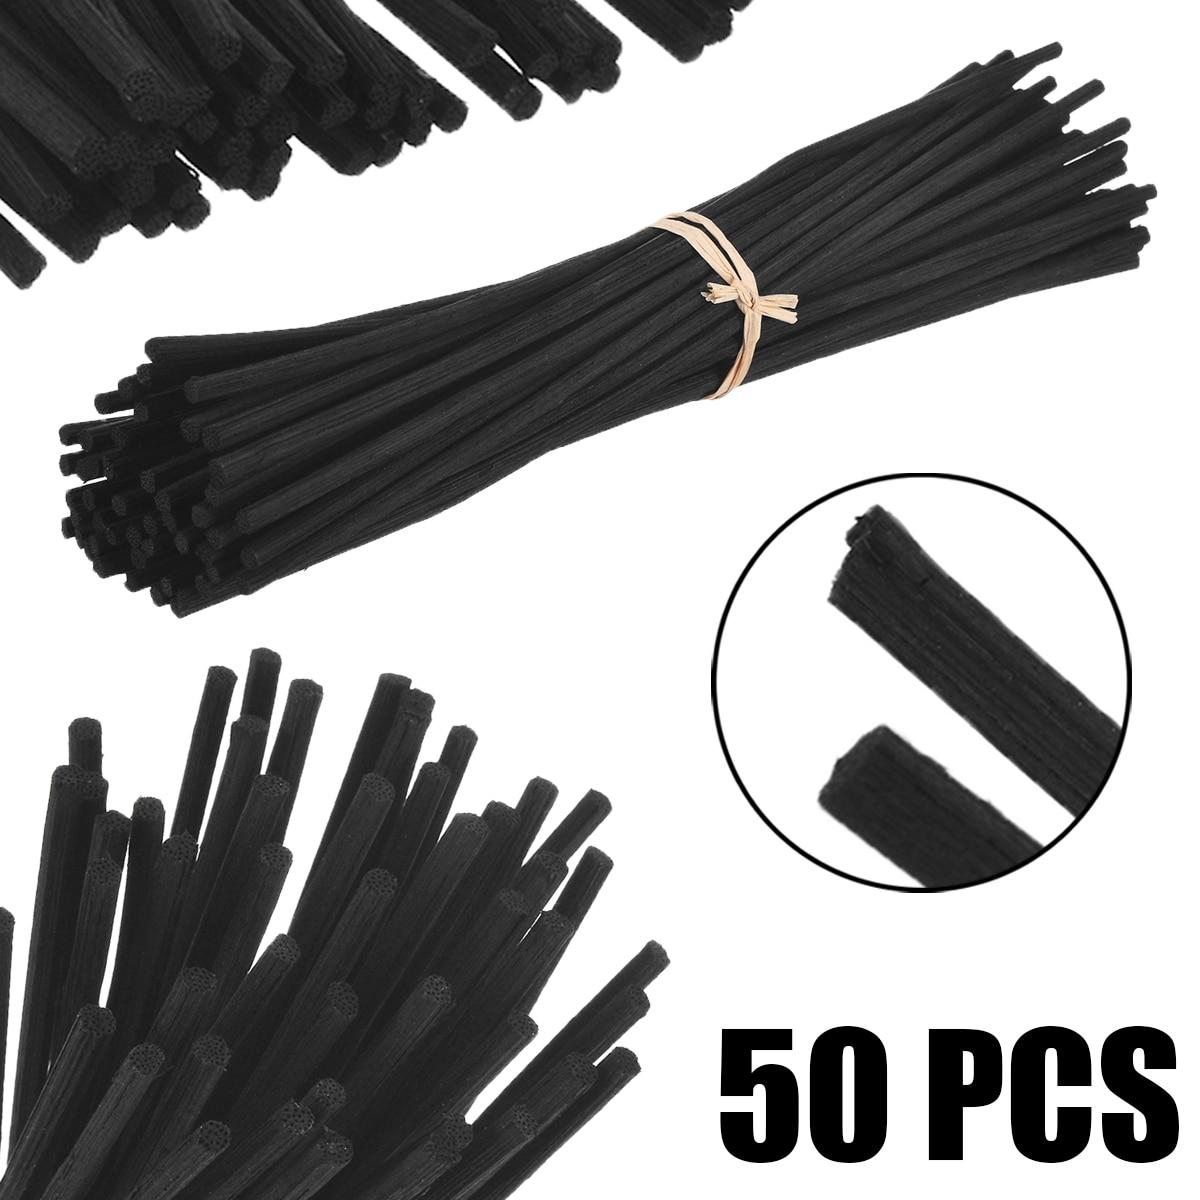 50 Uds. Difusor de aceite de fragancia negro palitos de ratán Reed reemplazo Stick para Fragancia casera difusor decoración Set